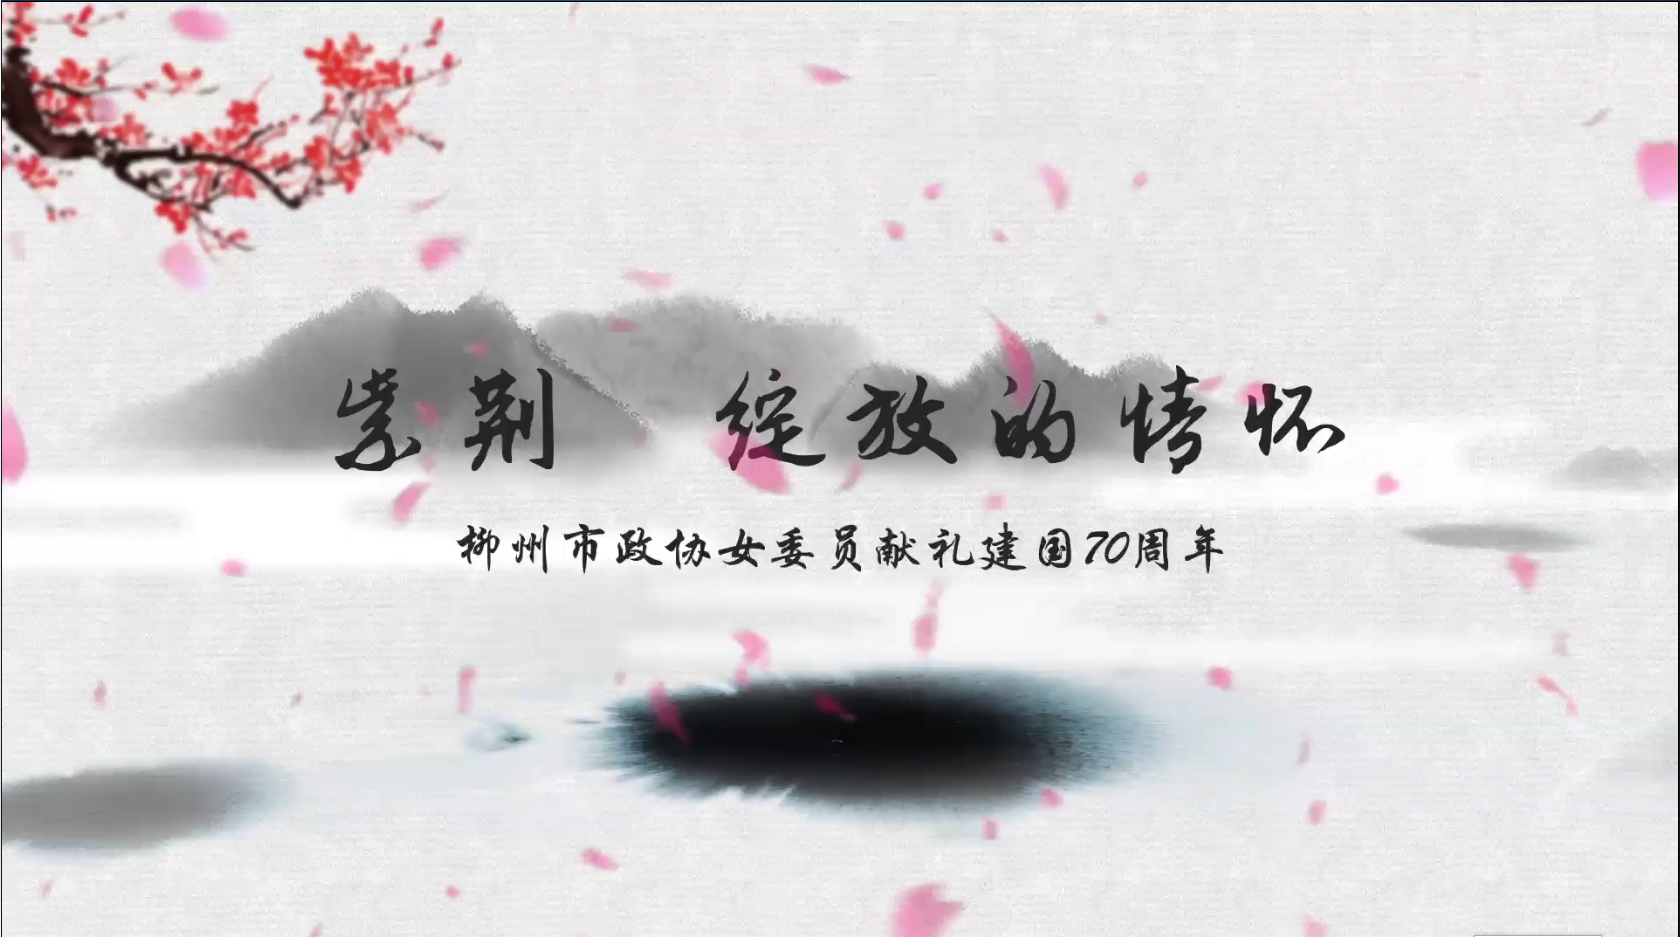 我和我的祖国|唱响爱国歌曲,柳州市政协女委员献礼新中国成立70周年!